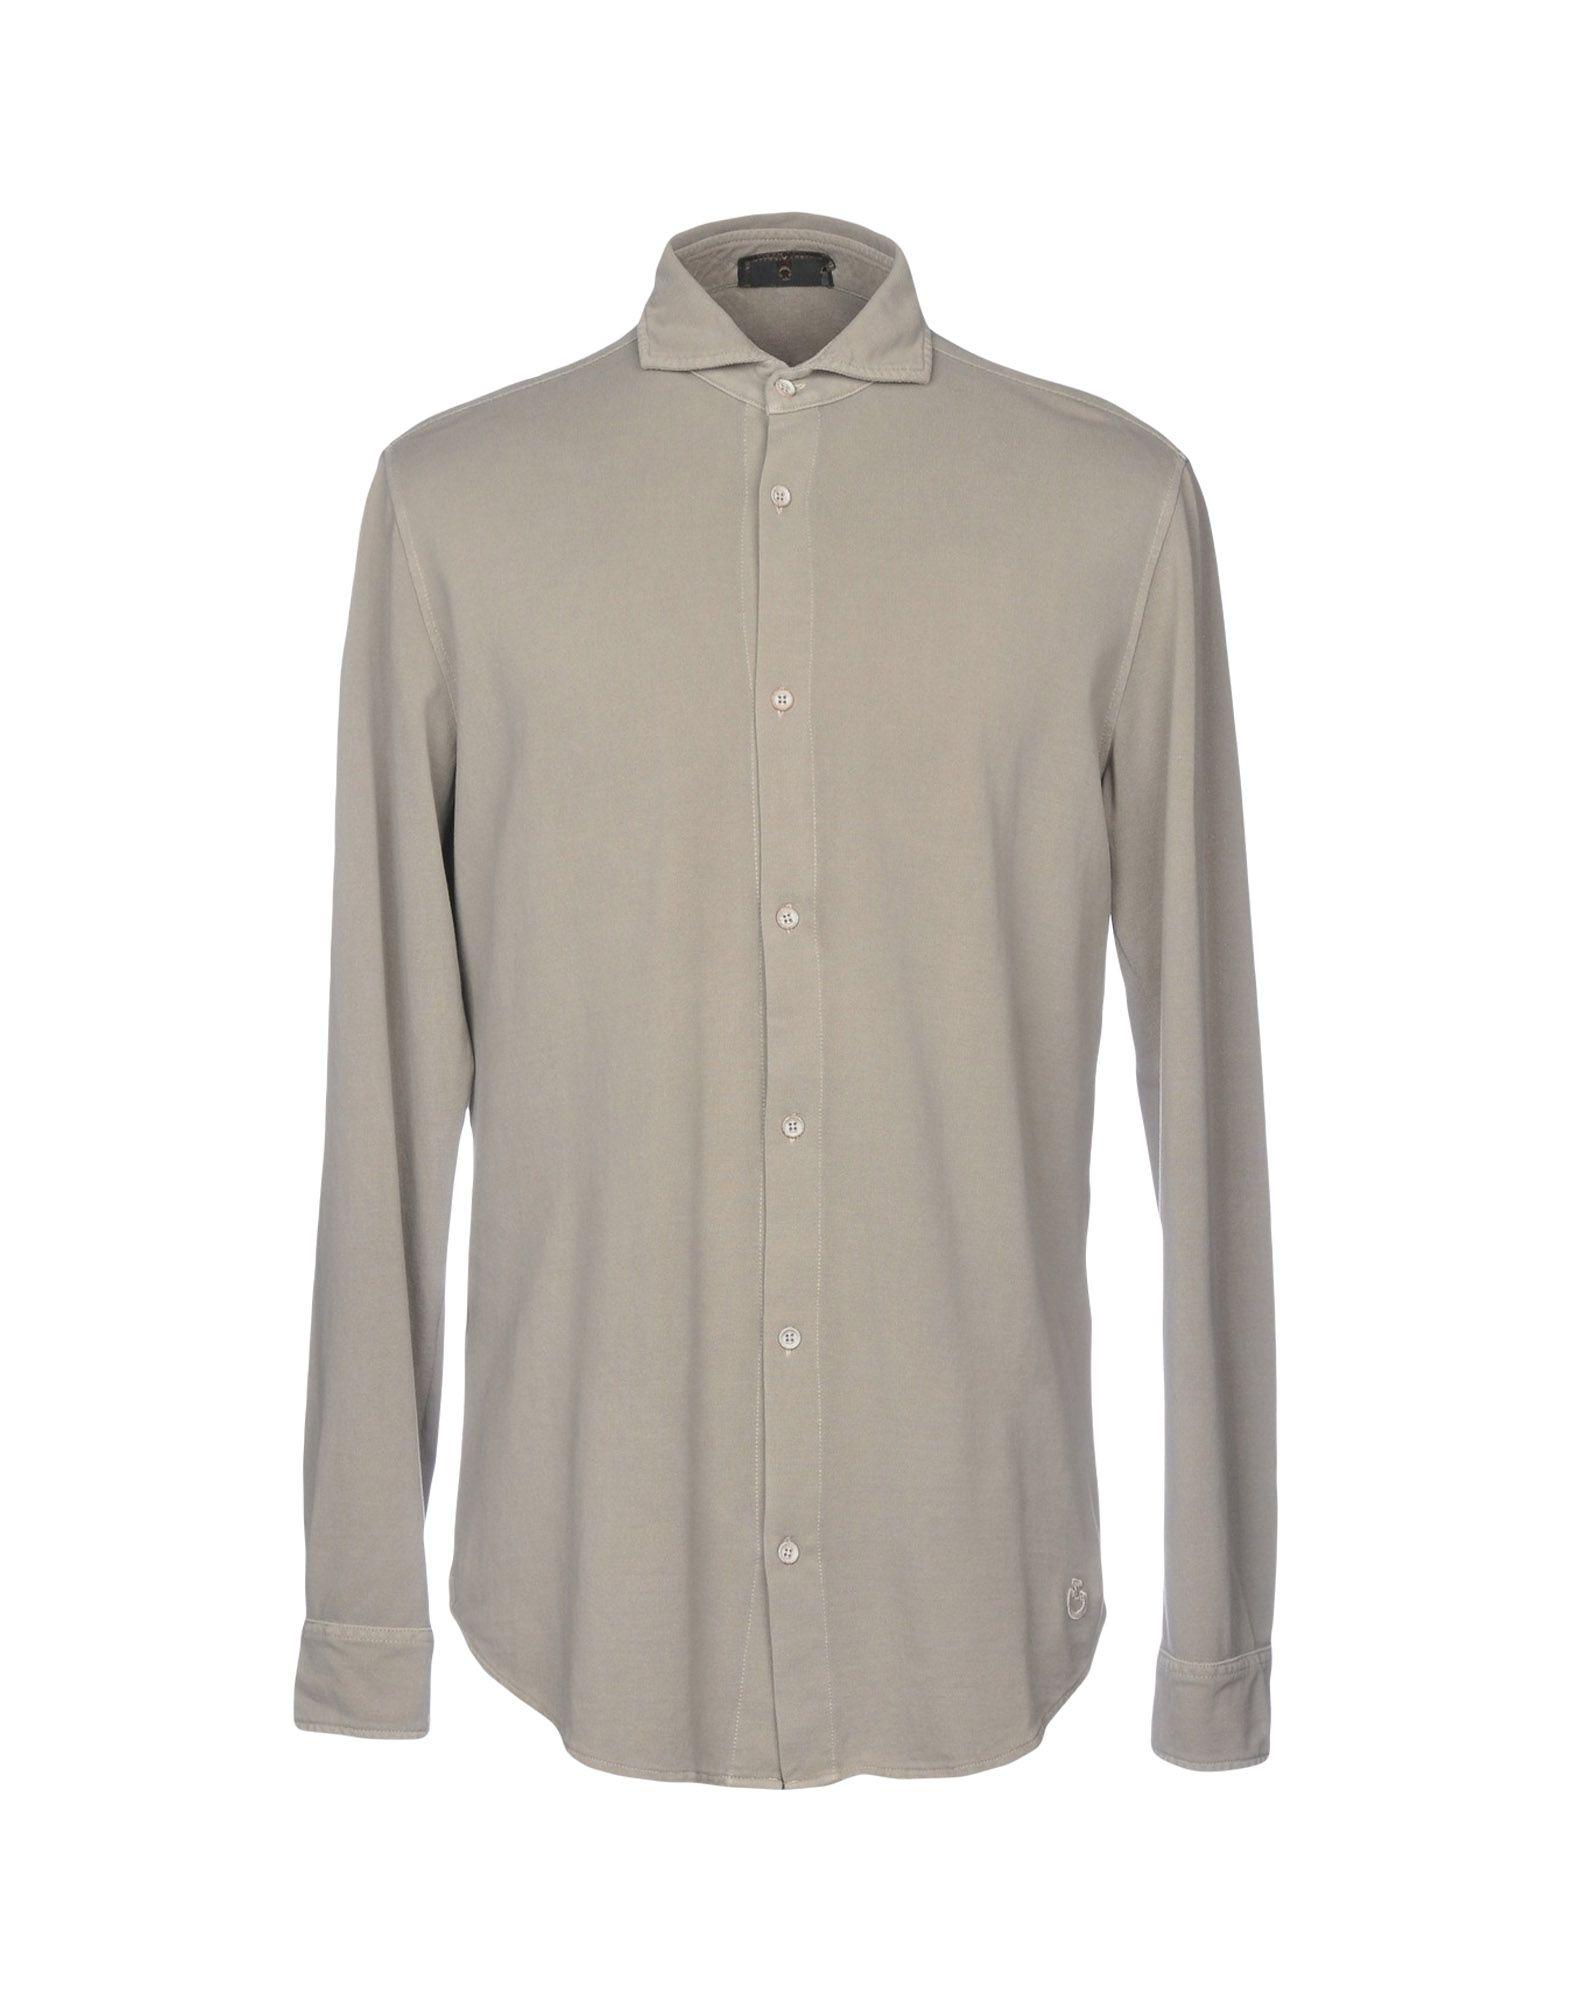 《送料無料》CAVALLERIA TOSCANA メンズ シャツ ライトグレー XL コットン 100%